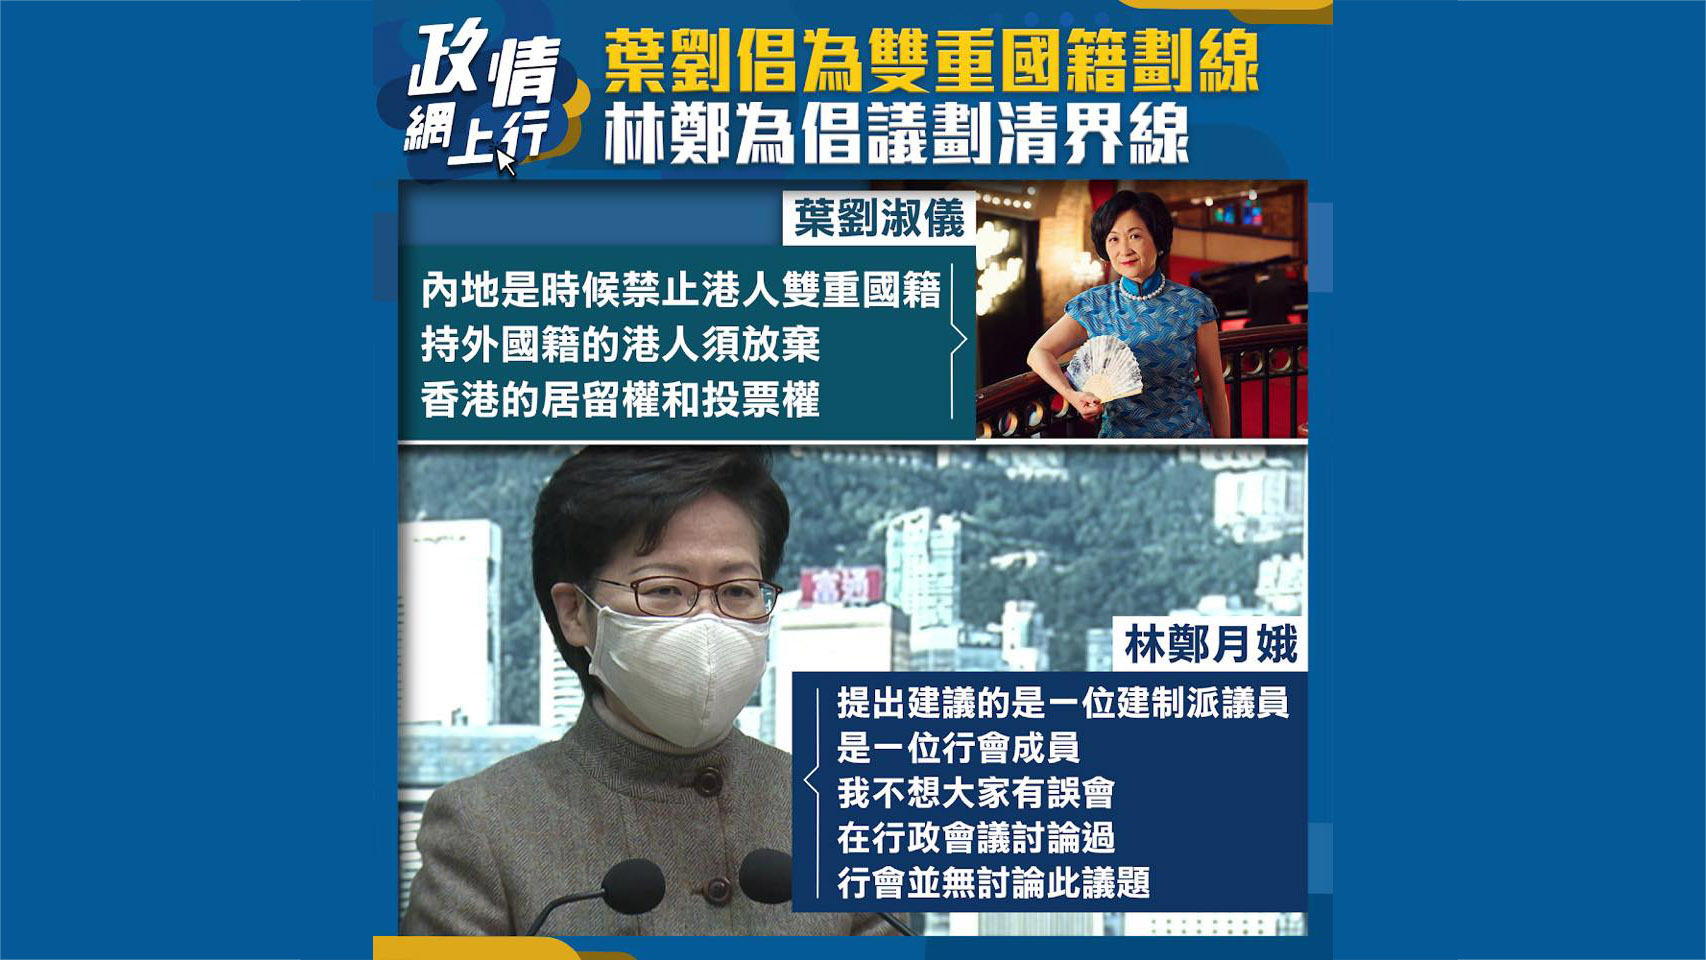 【政情網上行】葉劉倡為雙重國籍劃線 林鄭為倡議劃清界線